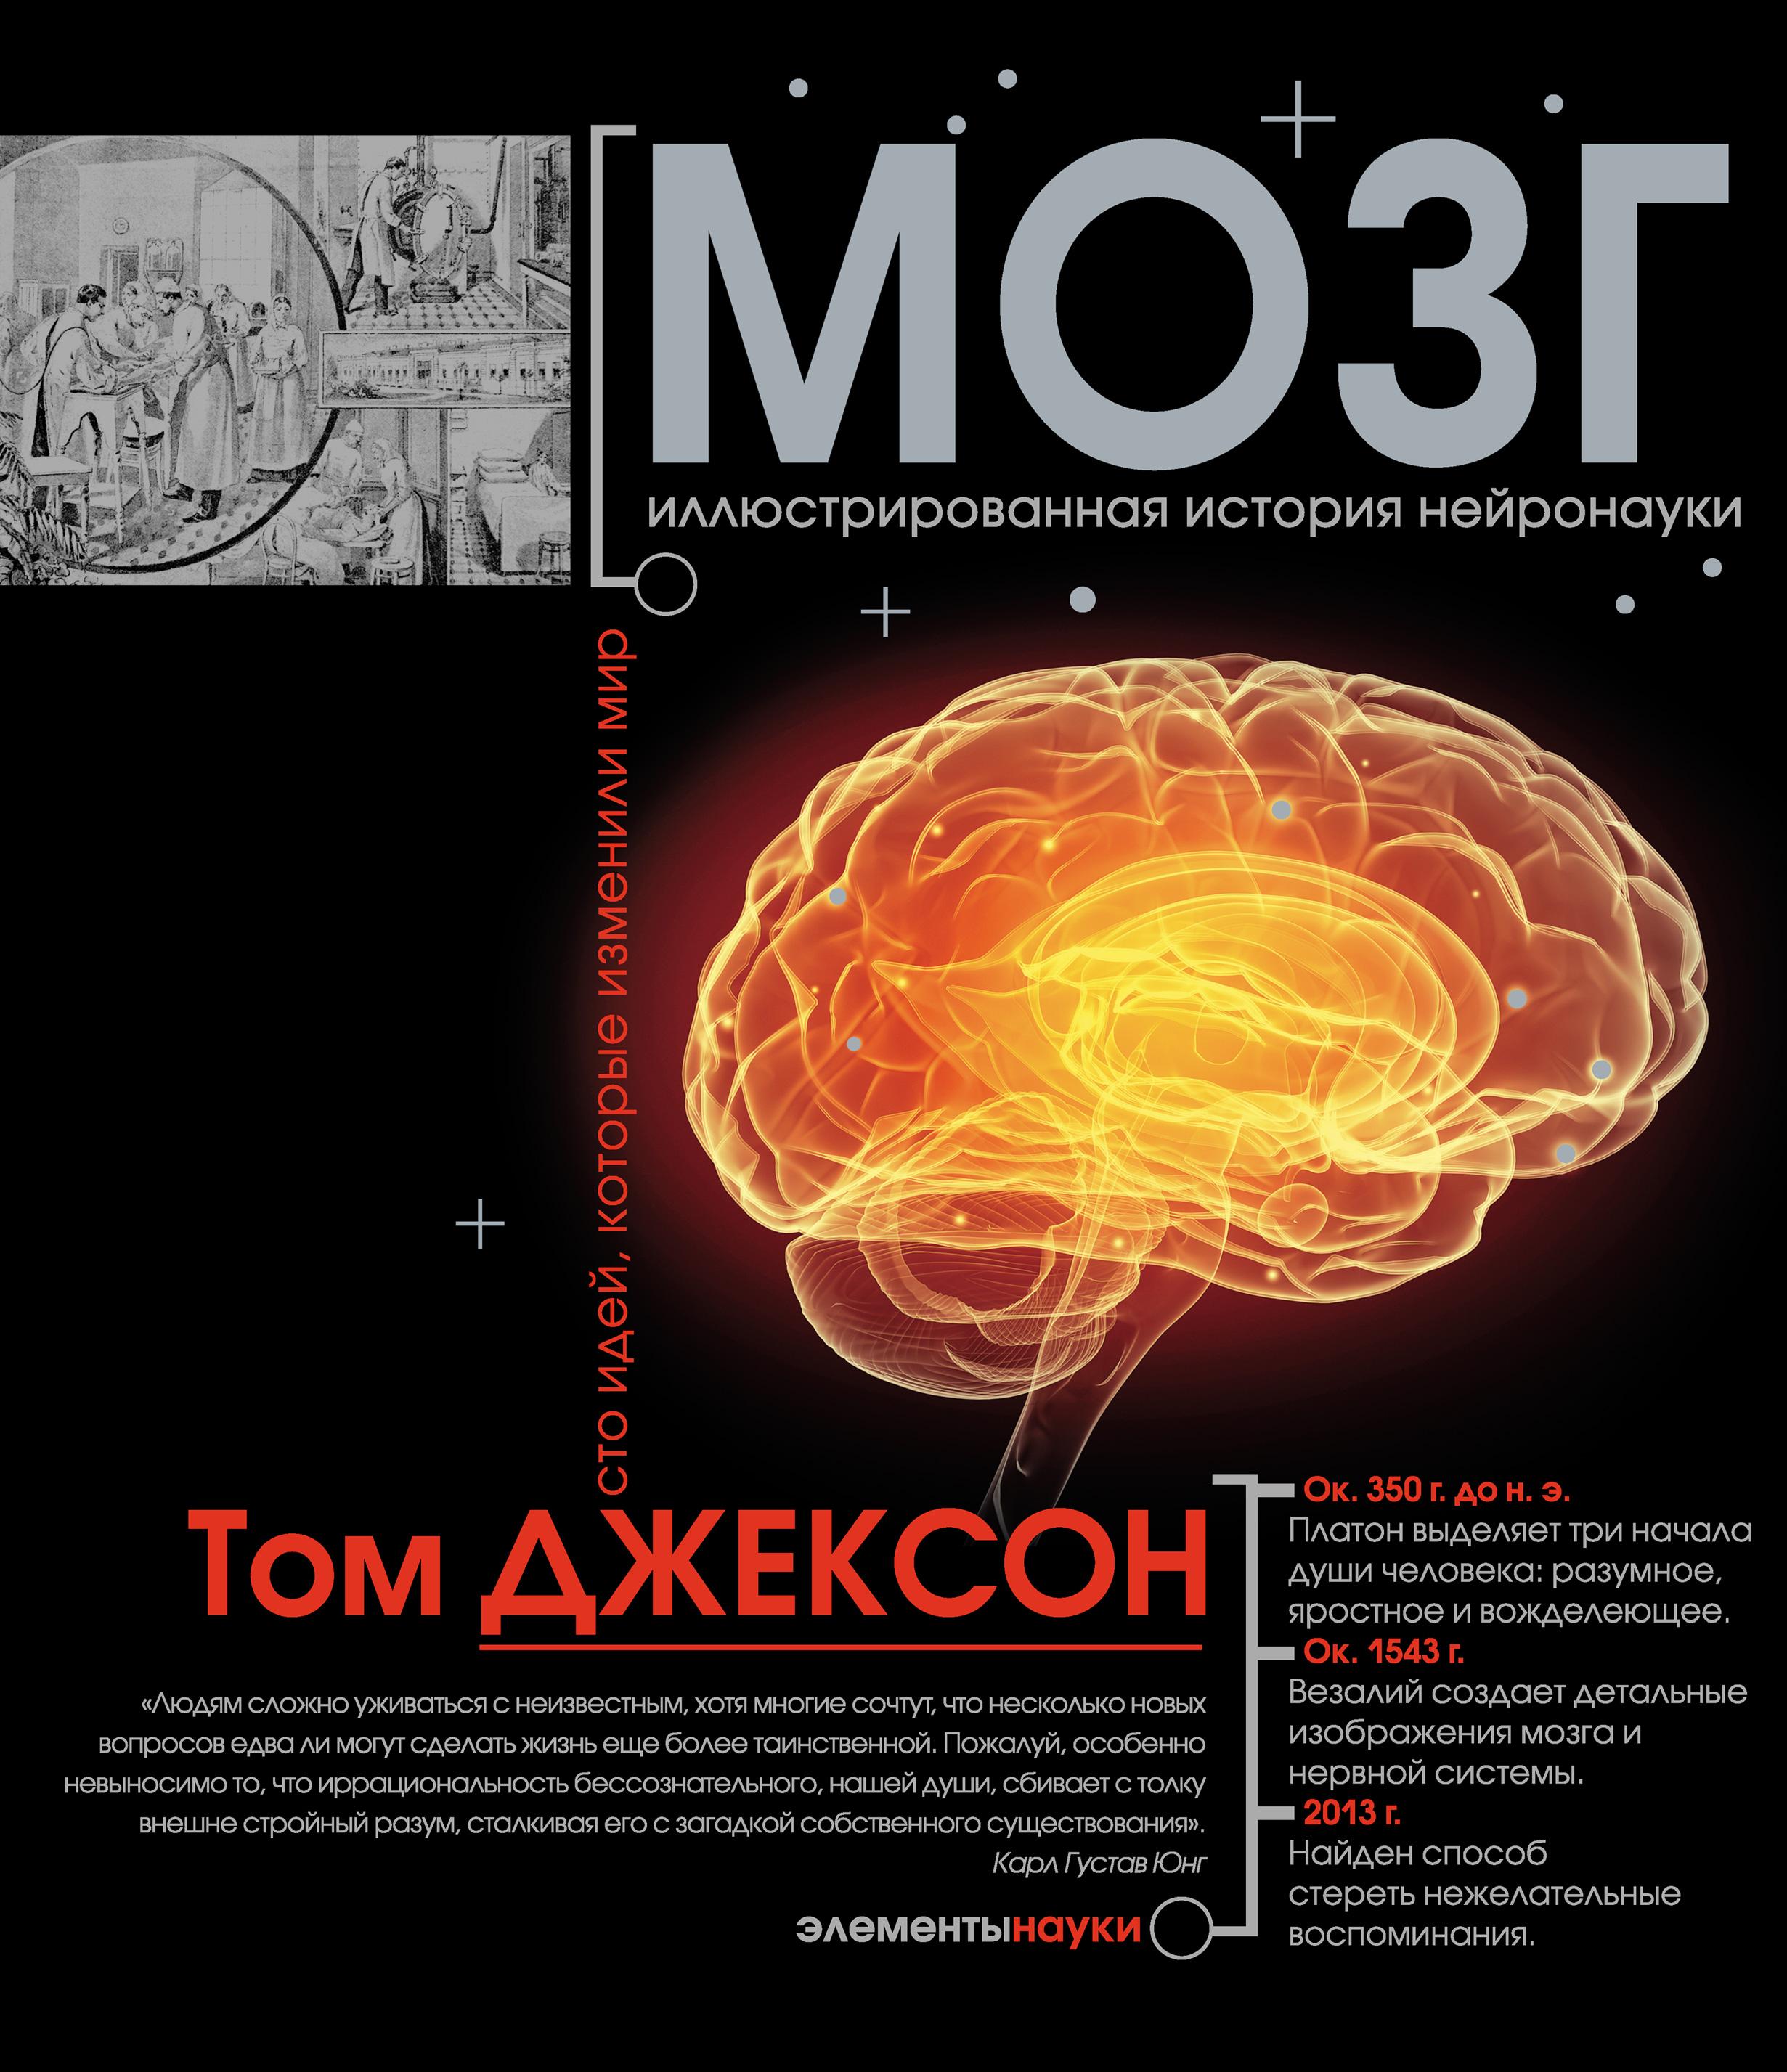 Том Мозг. Иллюстрированная история нейронауки